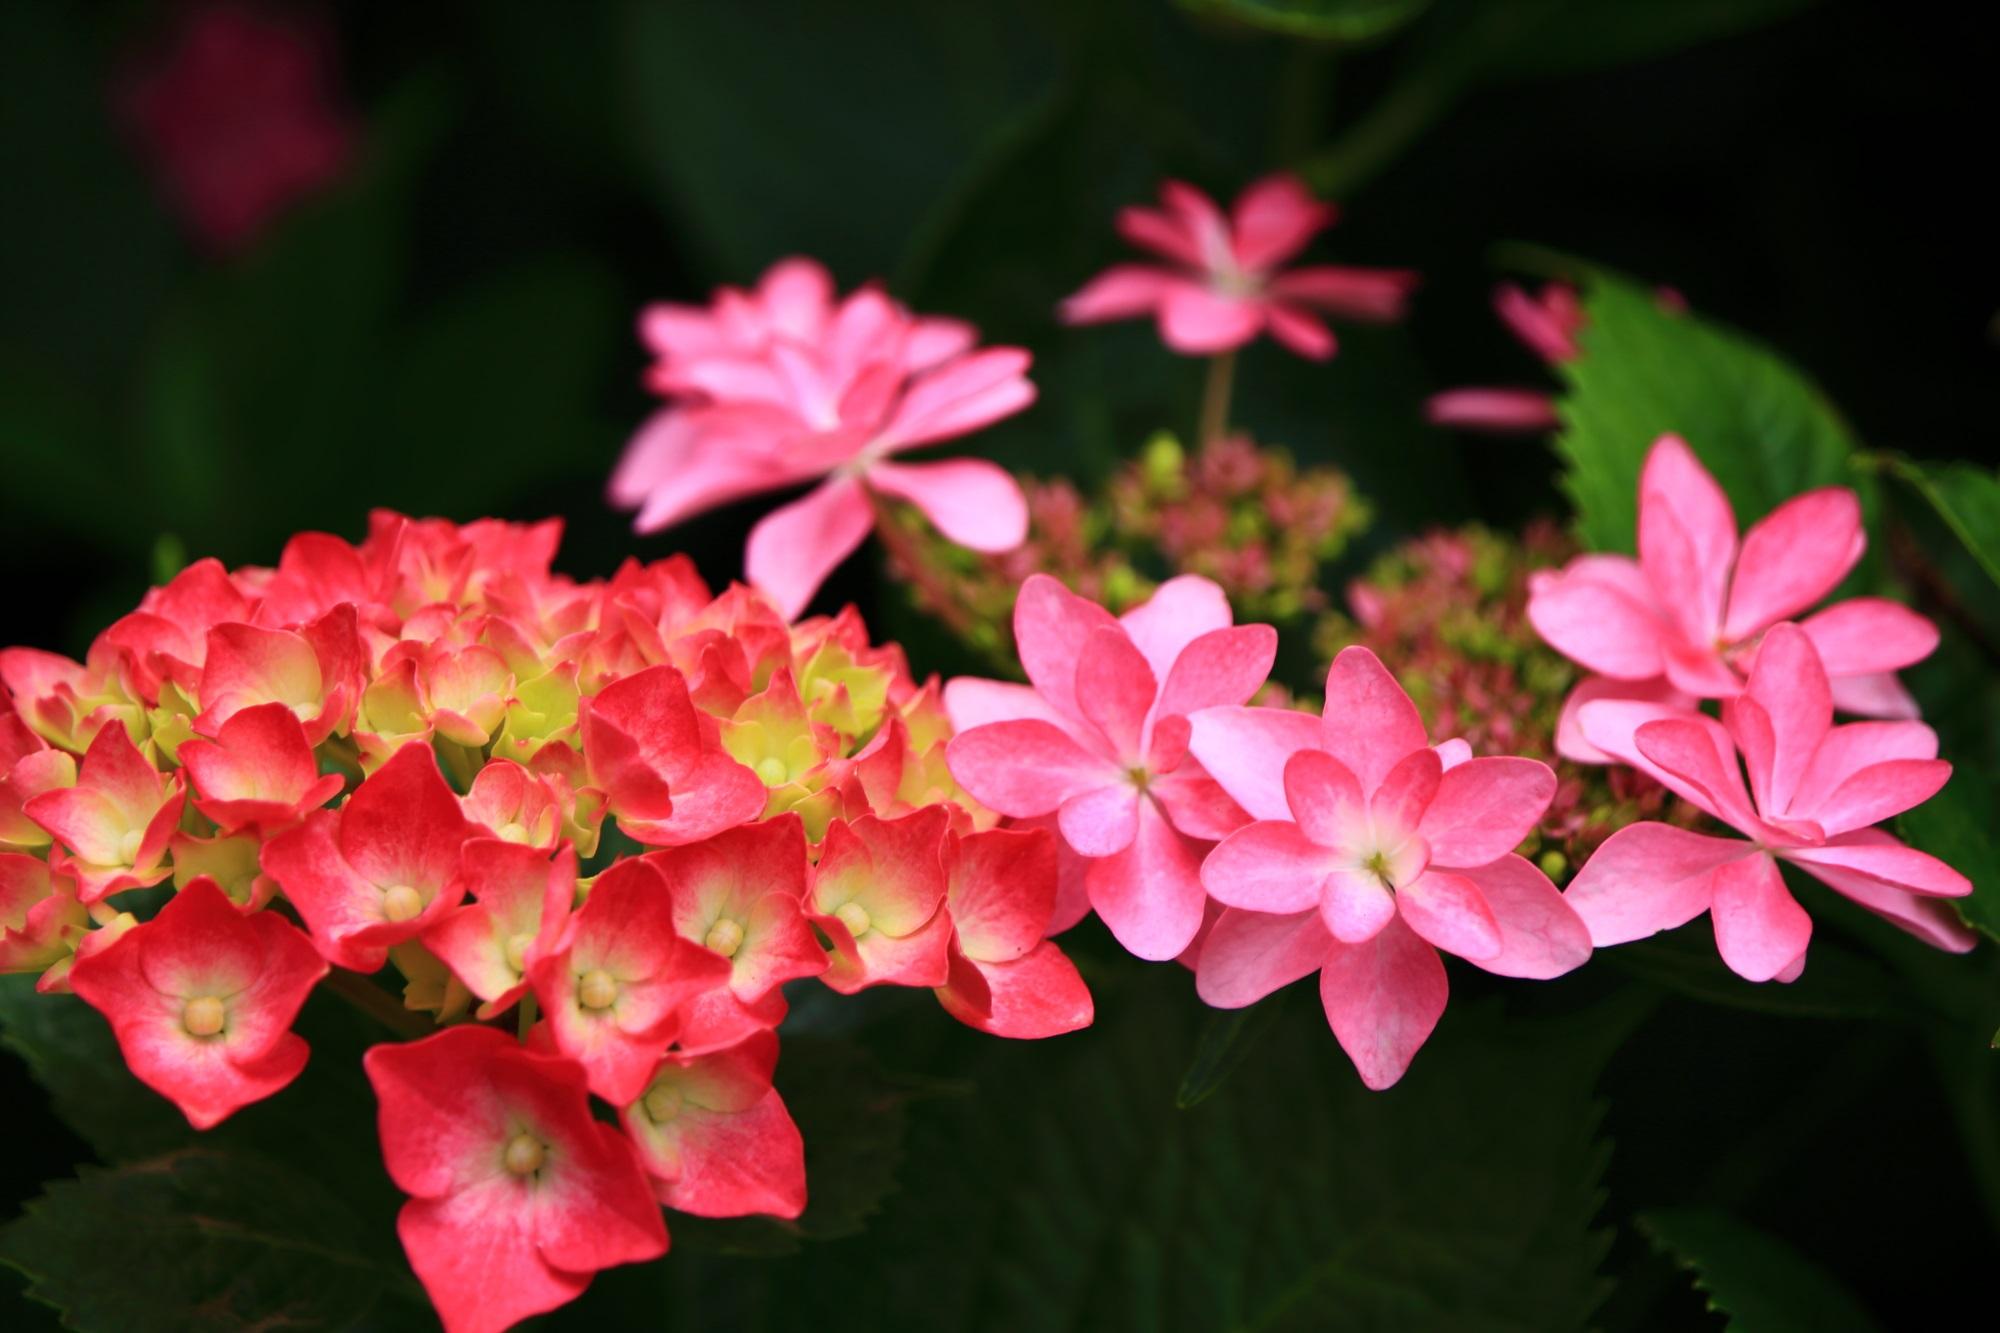 三室戸寺の2種類のピンクの紫陽花の華やかなコラボ